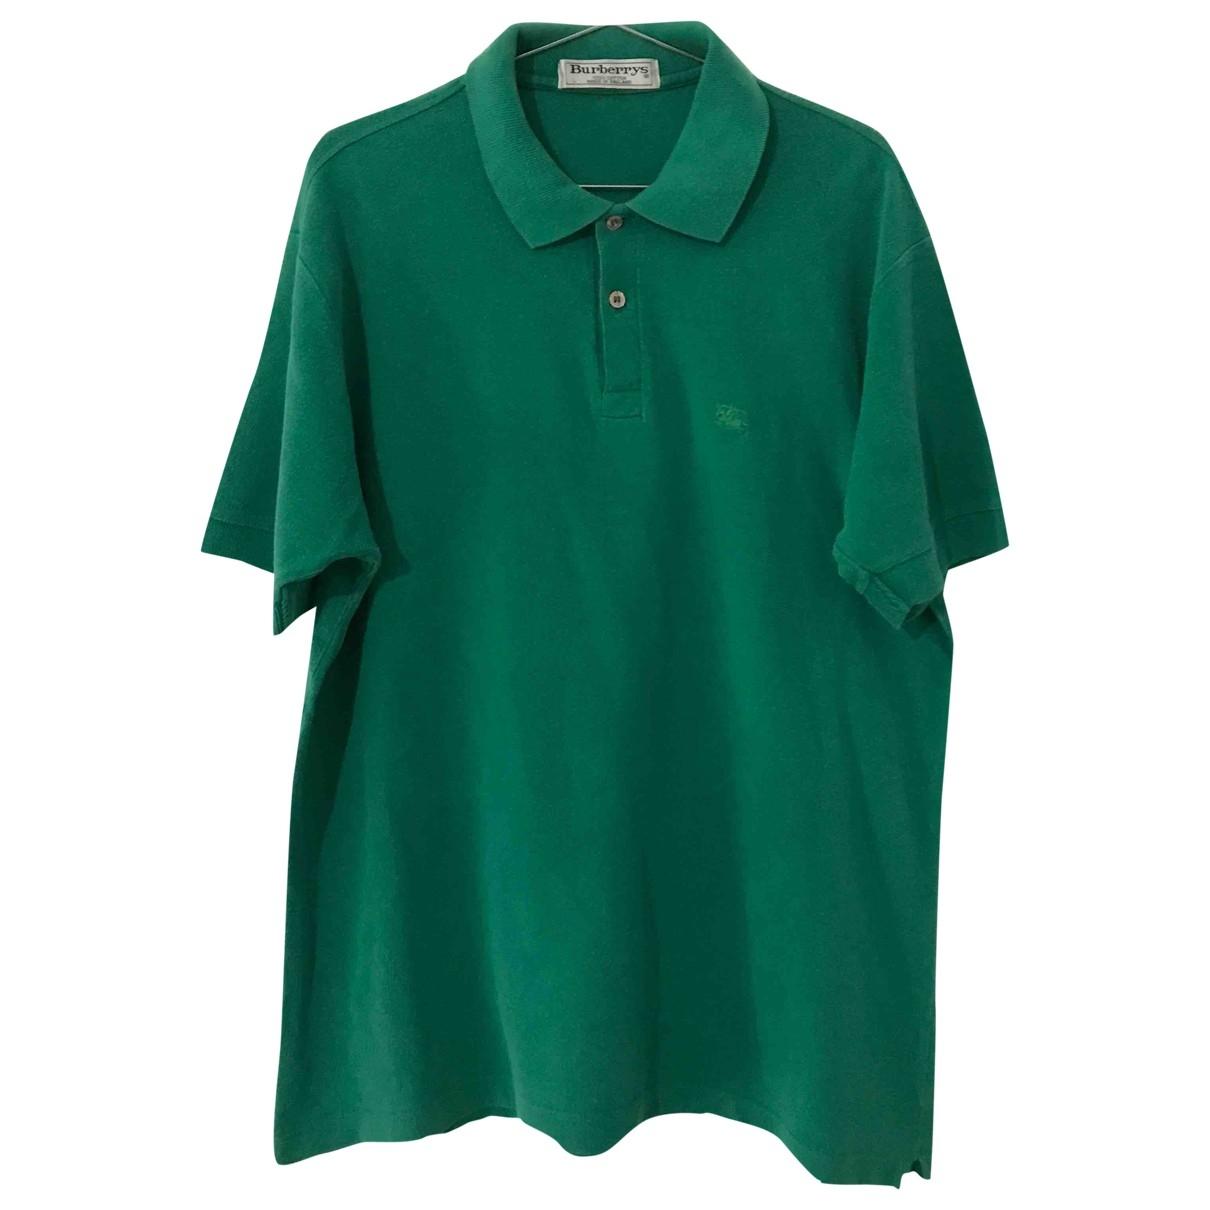 Polo en Algodon Verde Burberry